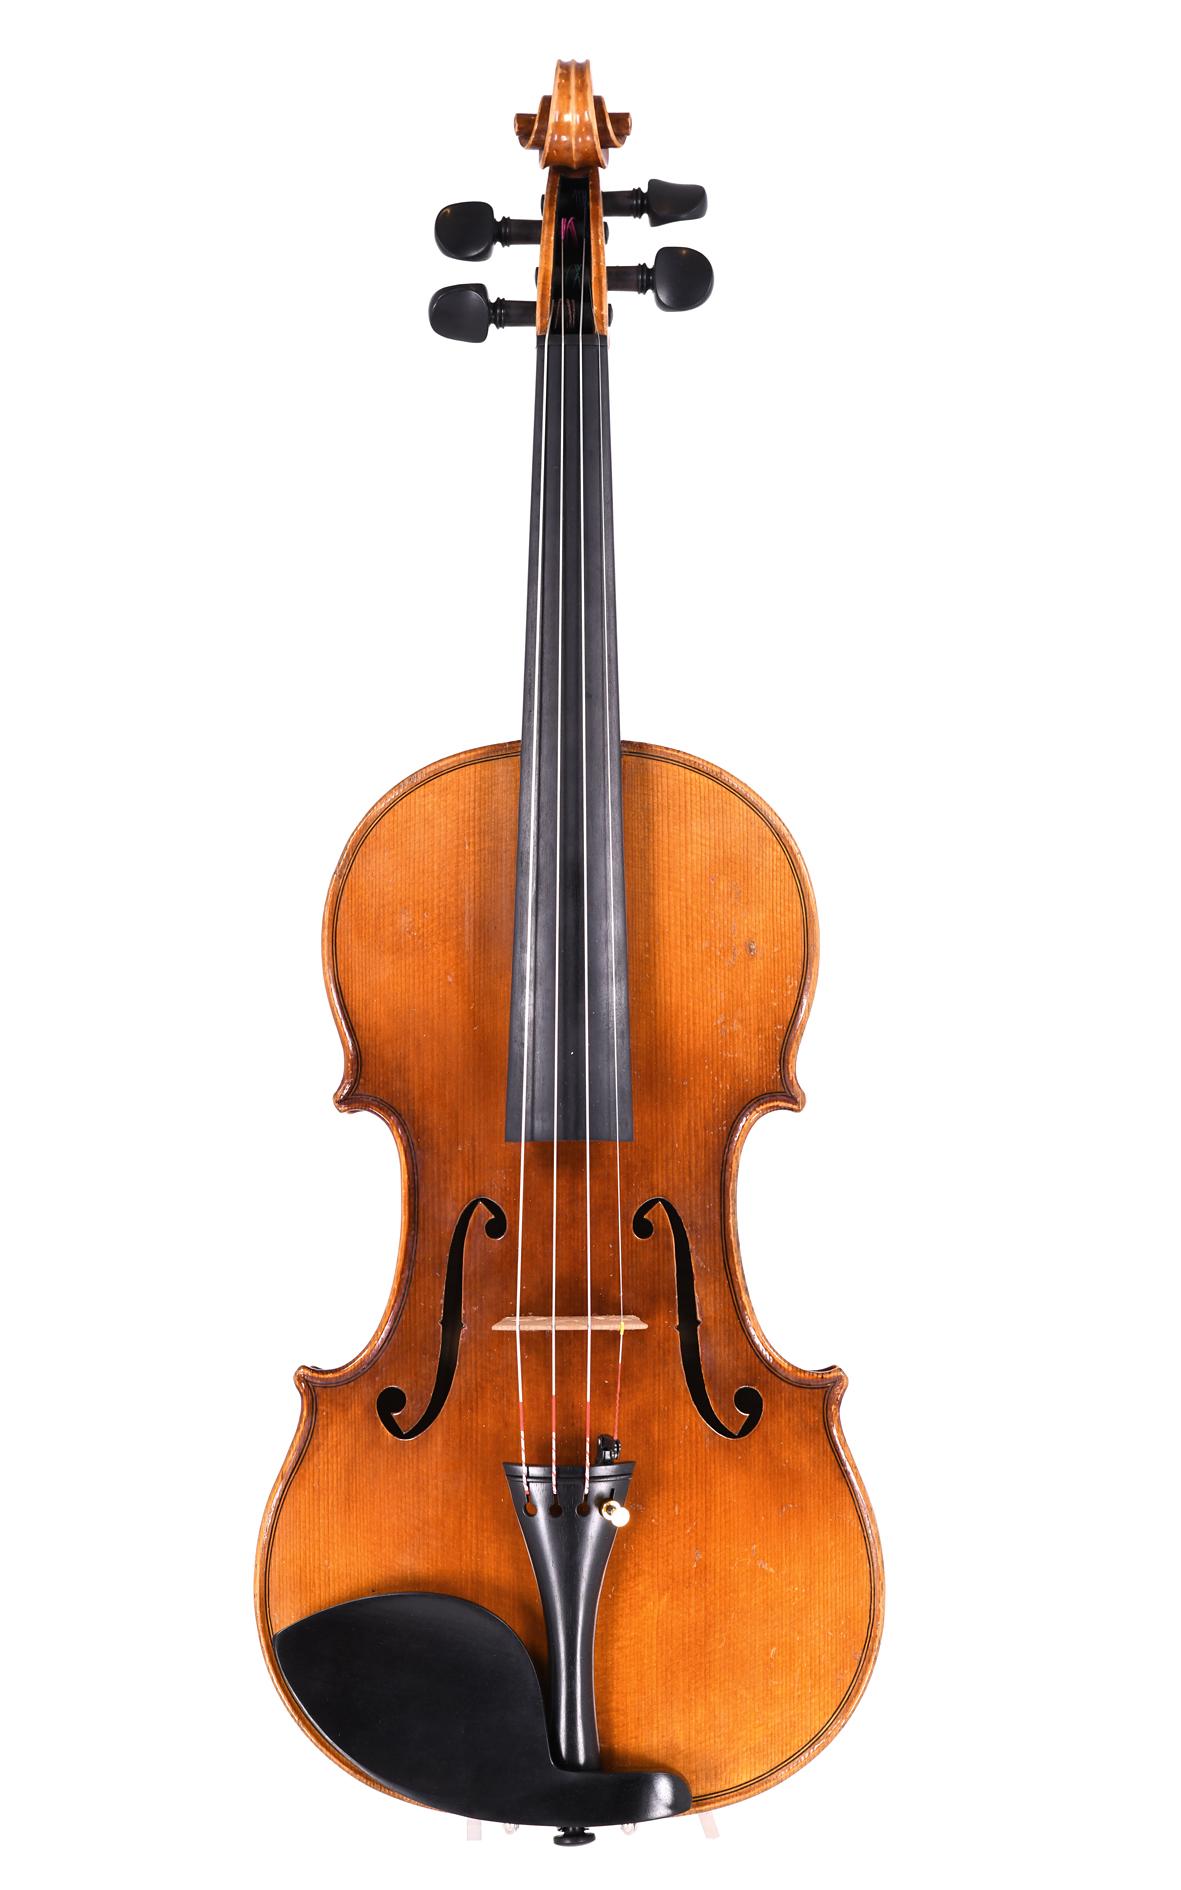 Neuner & Hornsteiner violin